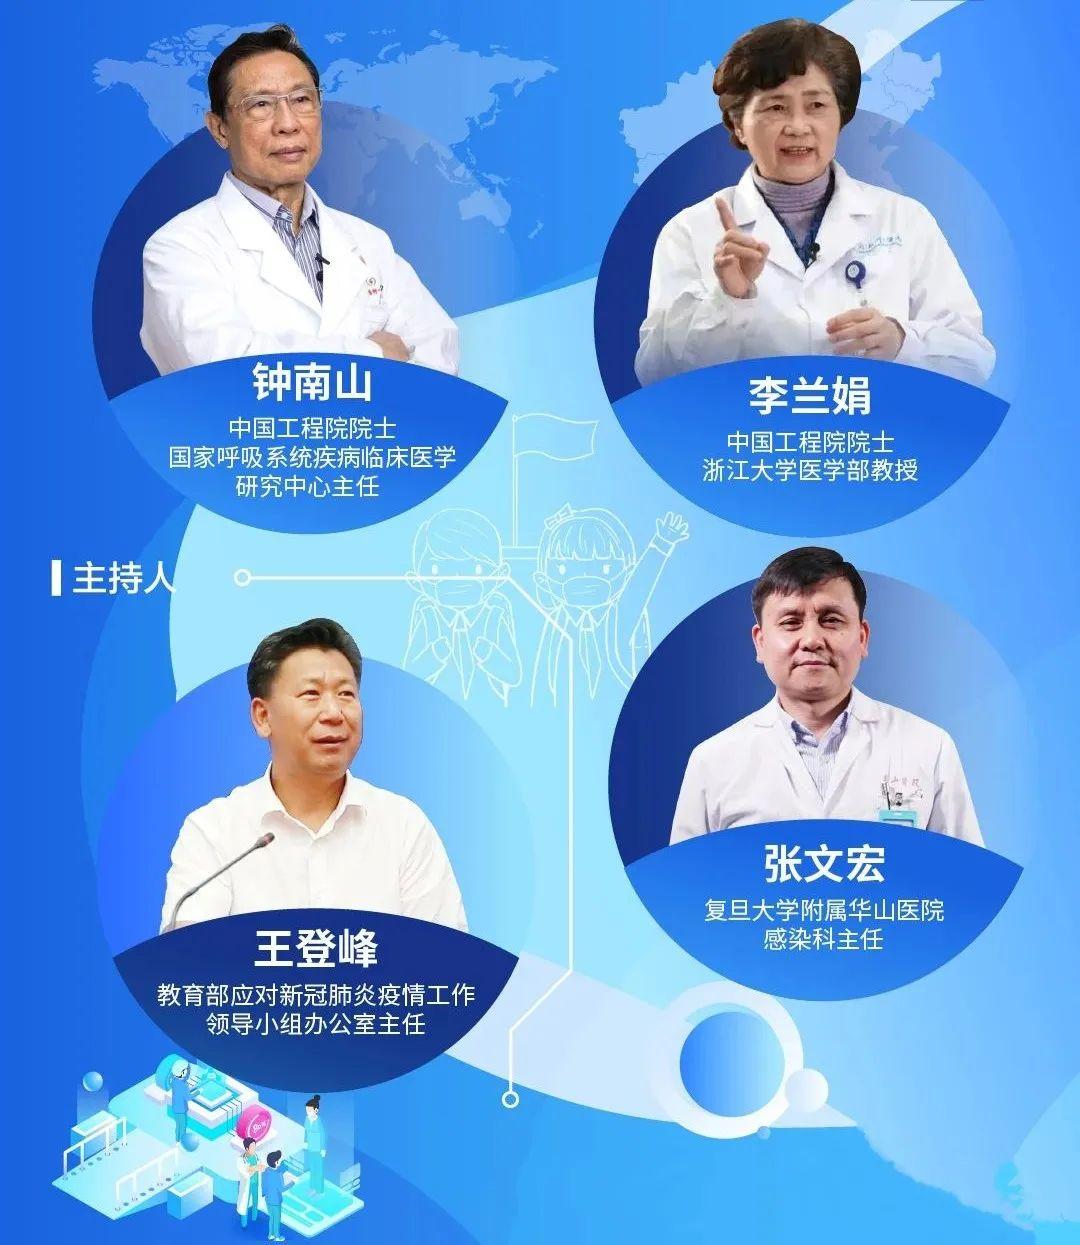 钟南山、李兰娟、张文宏同台指导学校疫情防控